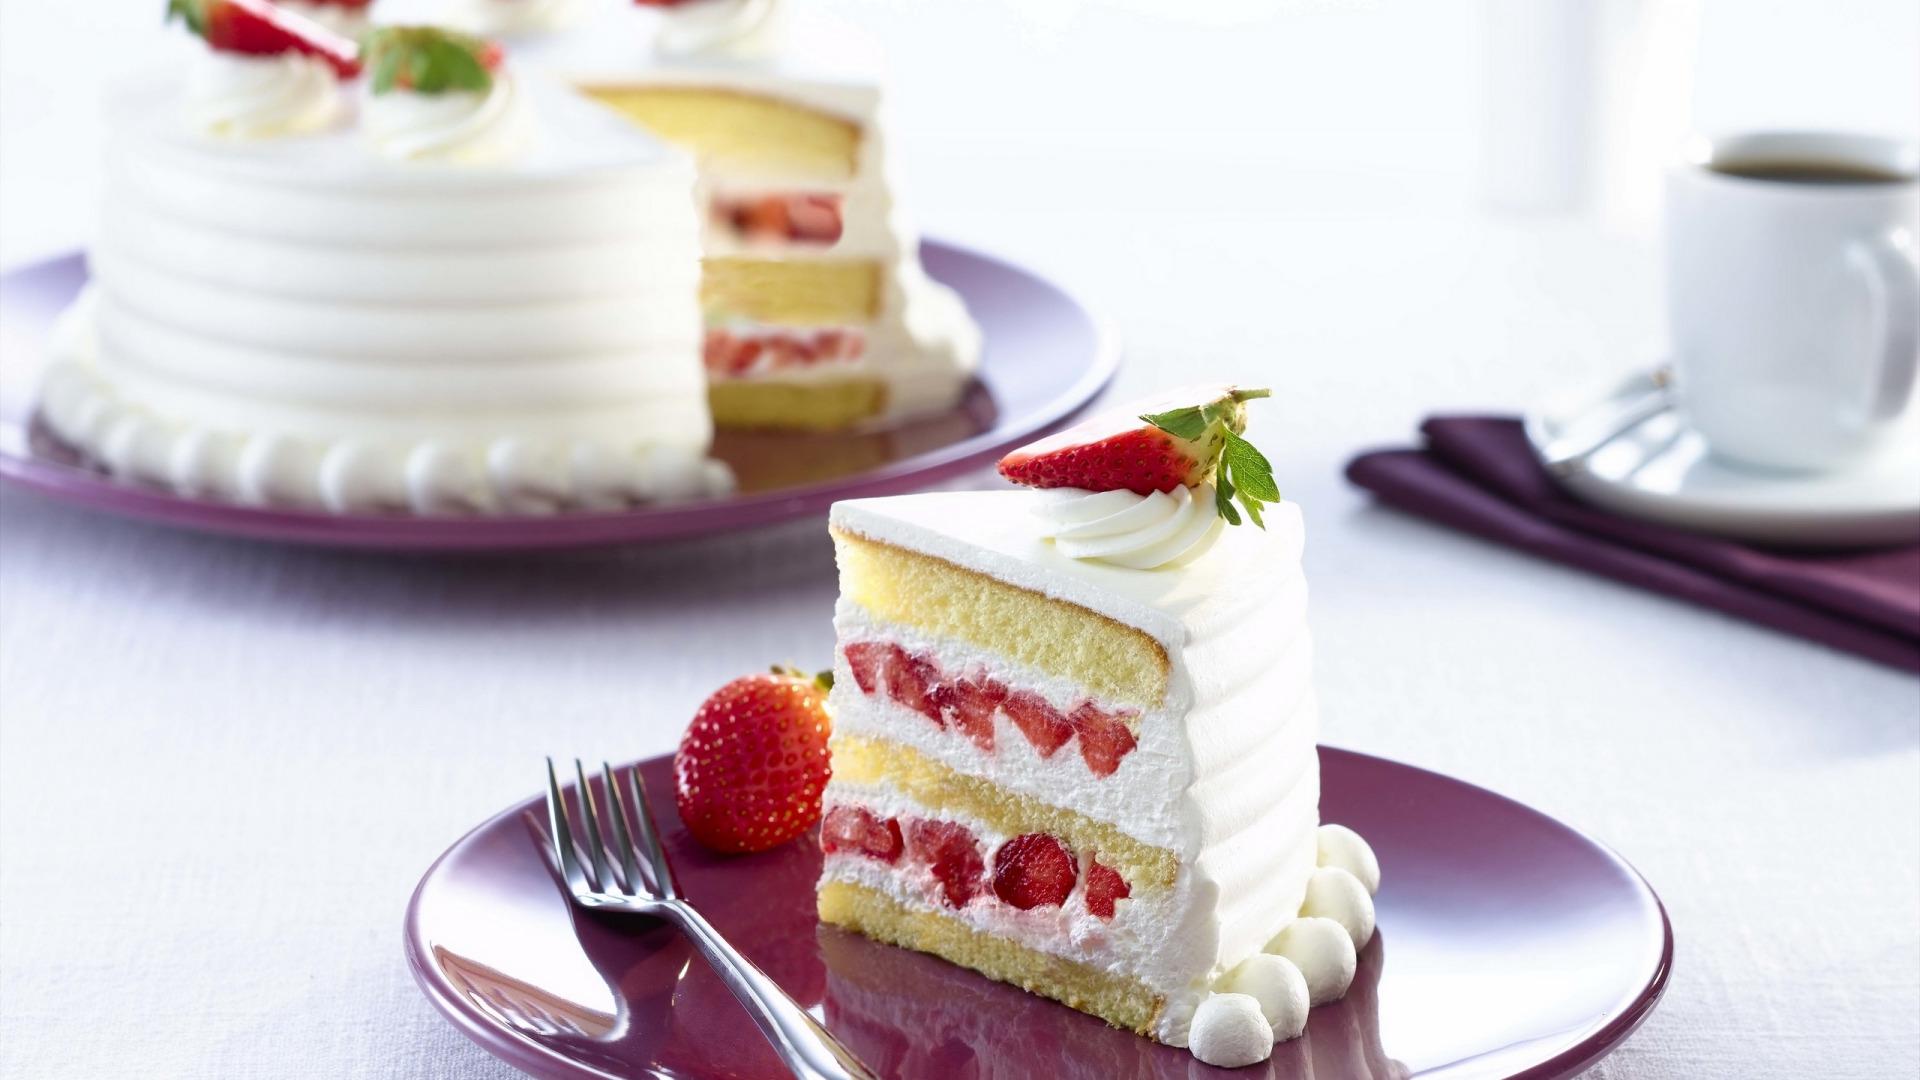 Как сделать торт из коржа дома